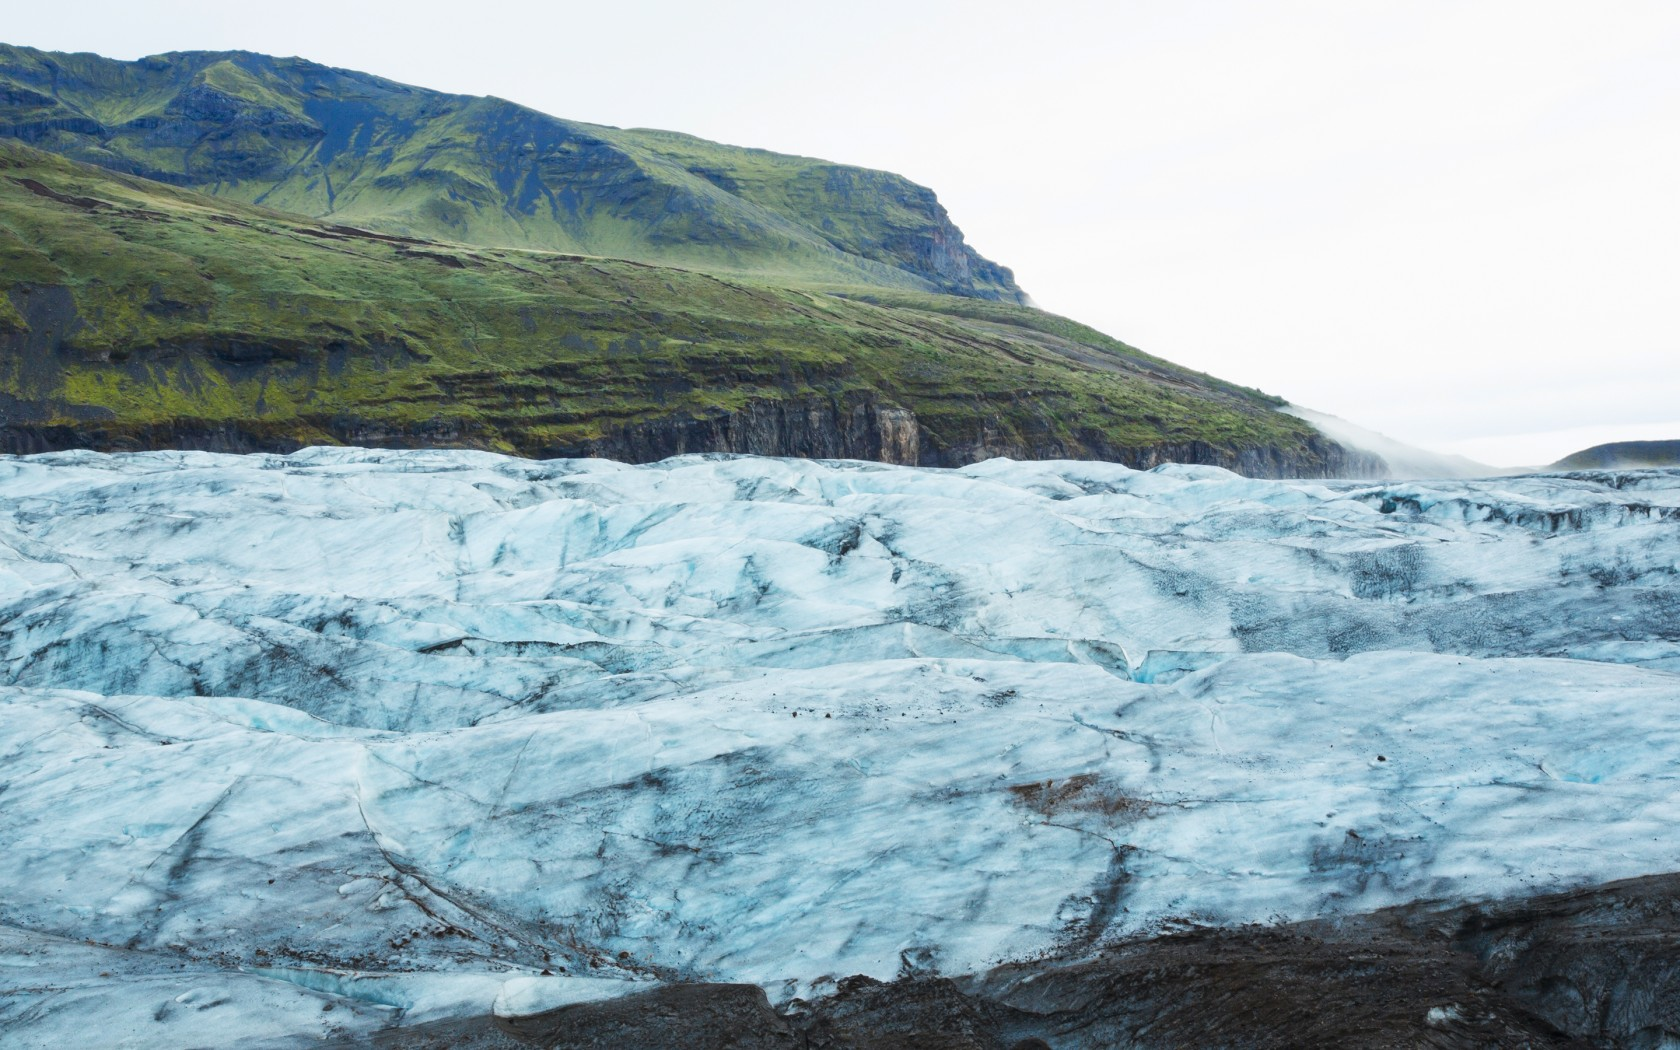 Game of Thrones Filming Location - Vatnajökull National Park, Iceland